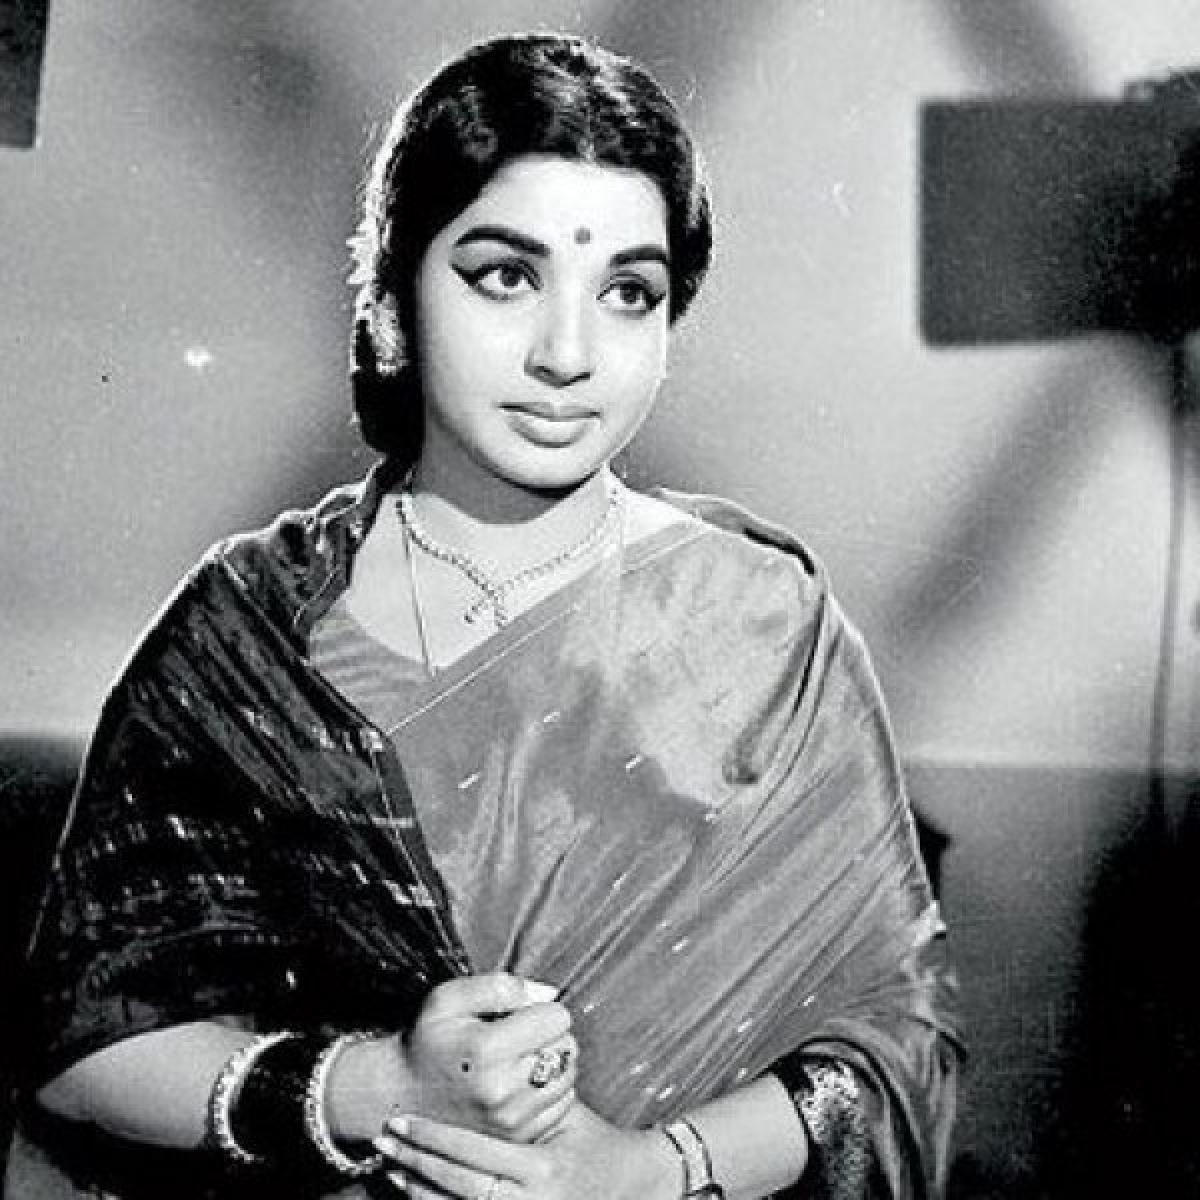 ஜெயலலிதாவின் சொந்தக் குரலில் ஒலித்த முத்தான திரையிசைப் பாடல்கள்!#Jayalalithaa